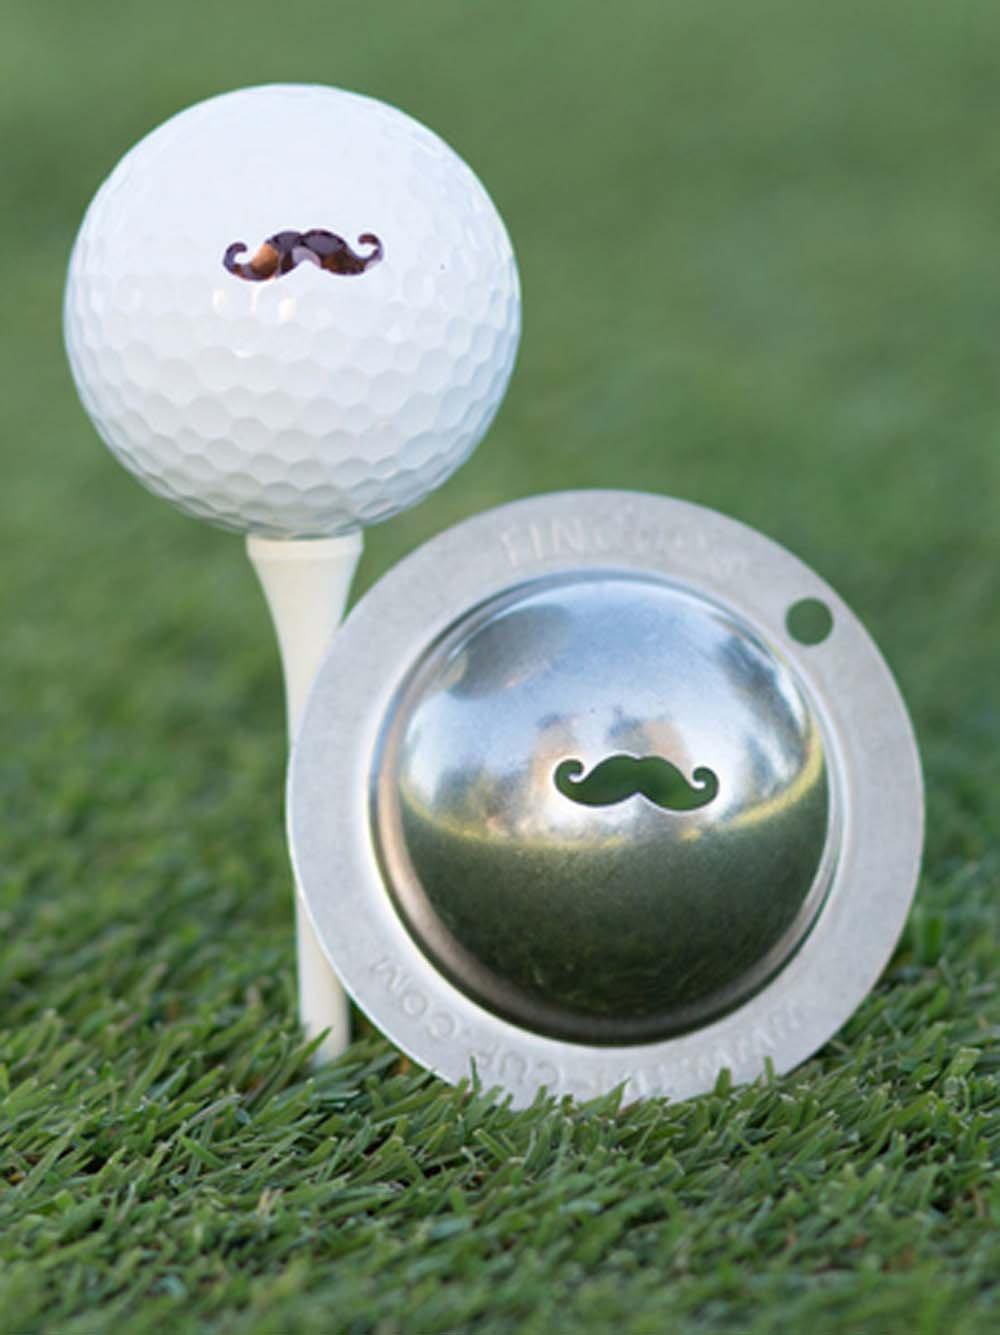 Tin Cup カスタムマーカー ゴルフボール用 アライメントツール モデル   B01HH0O8OY